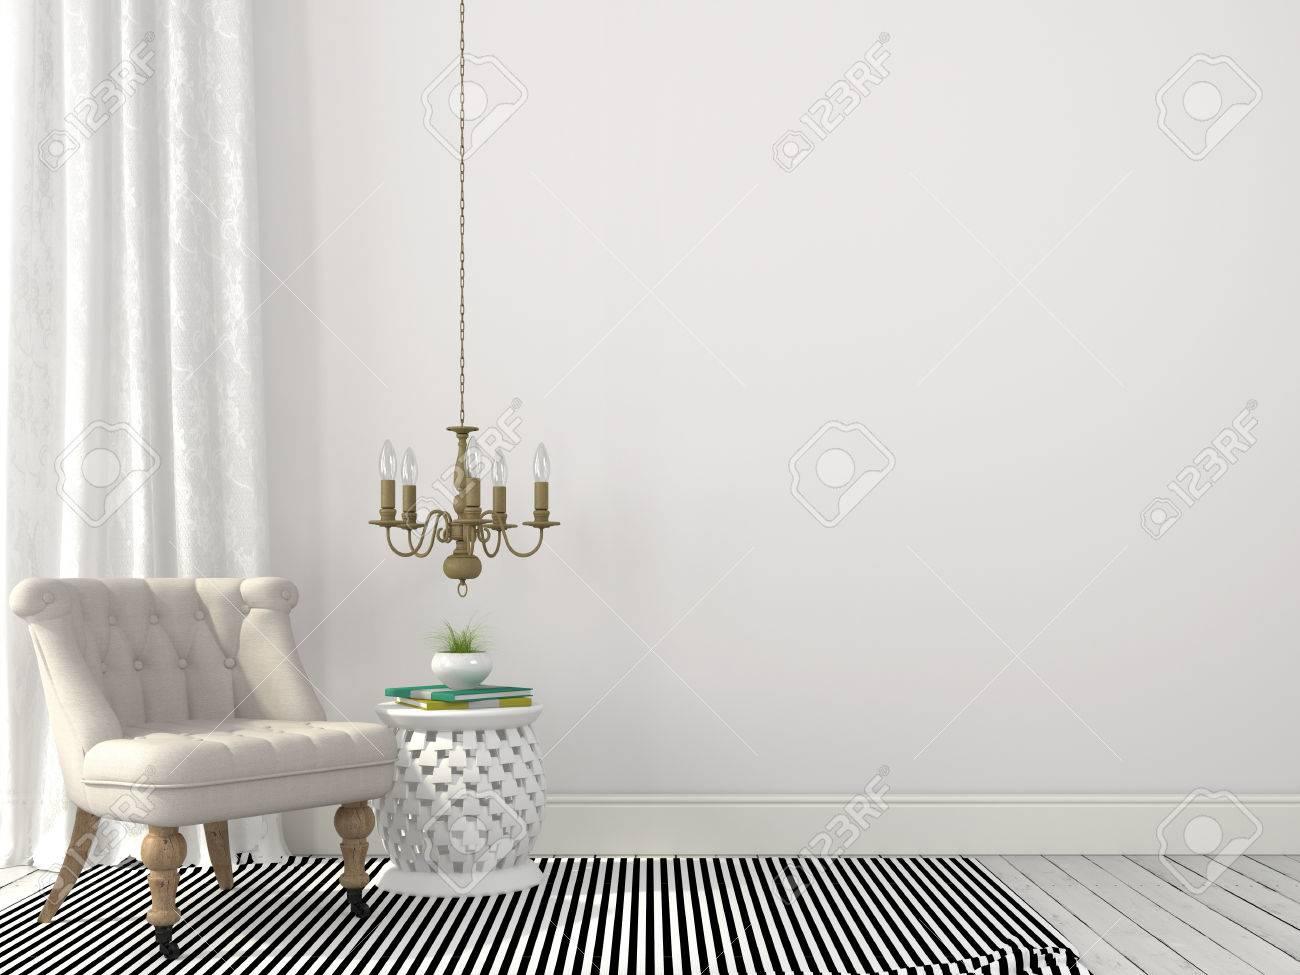 de Interior lámpara de sillón y de con araña una color beige elegante claro bronce bfg7Y6y